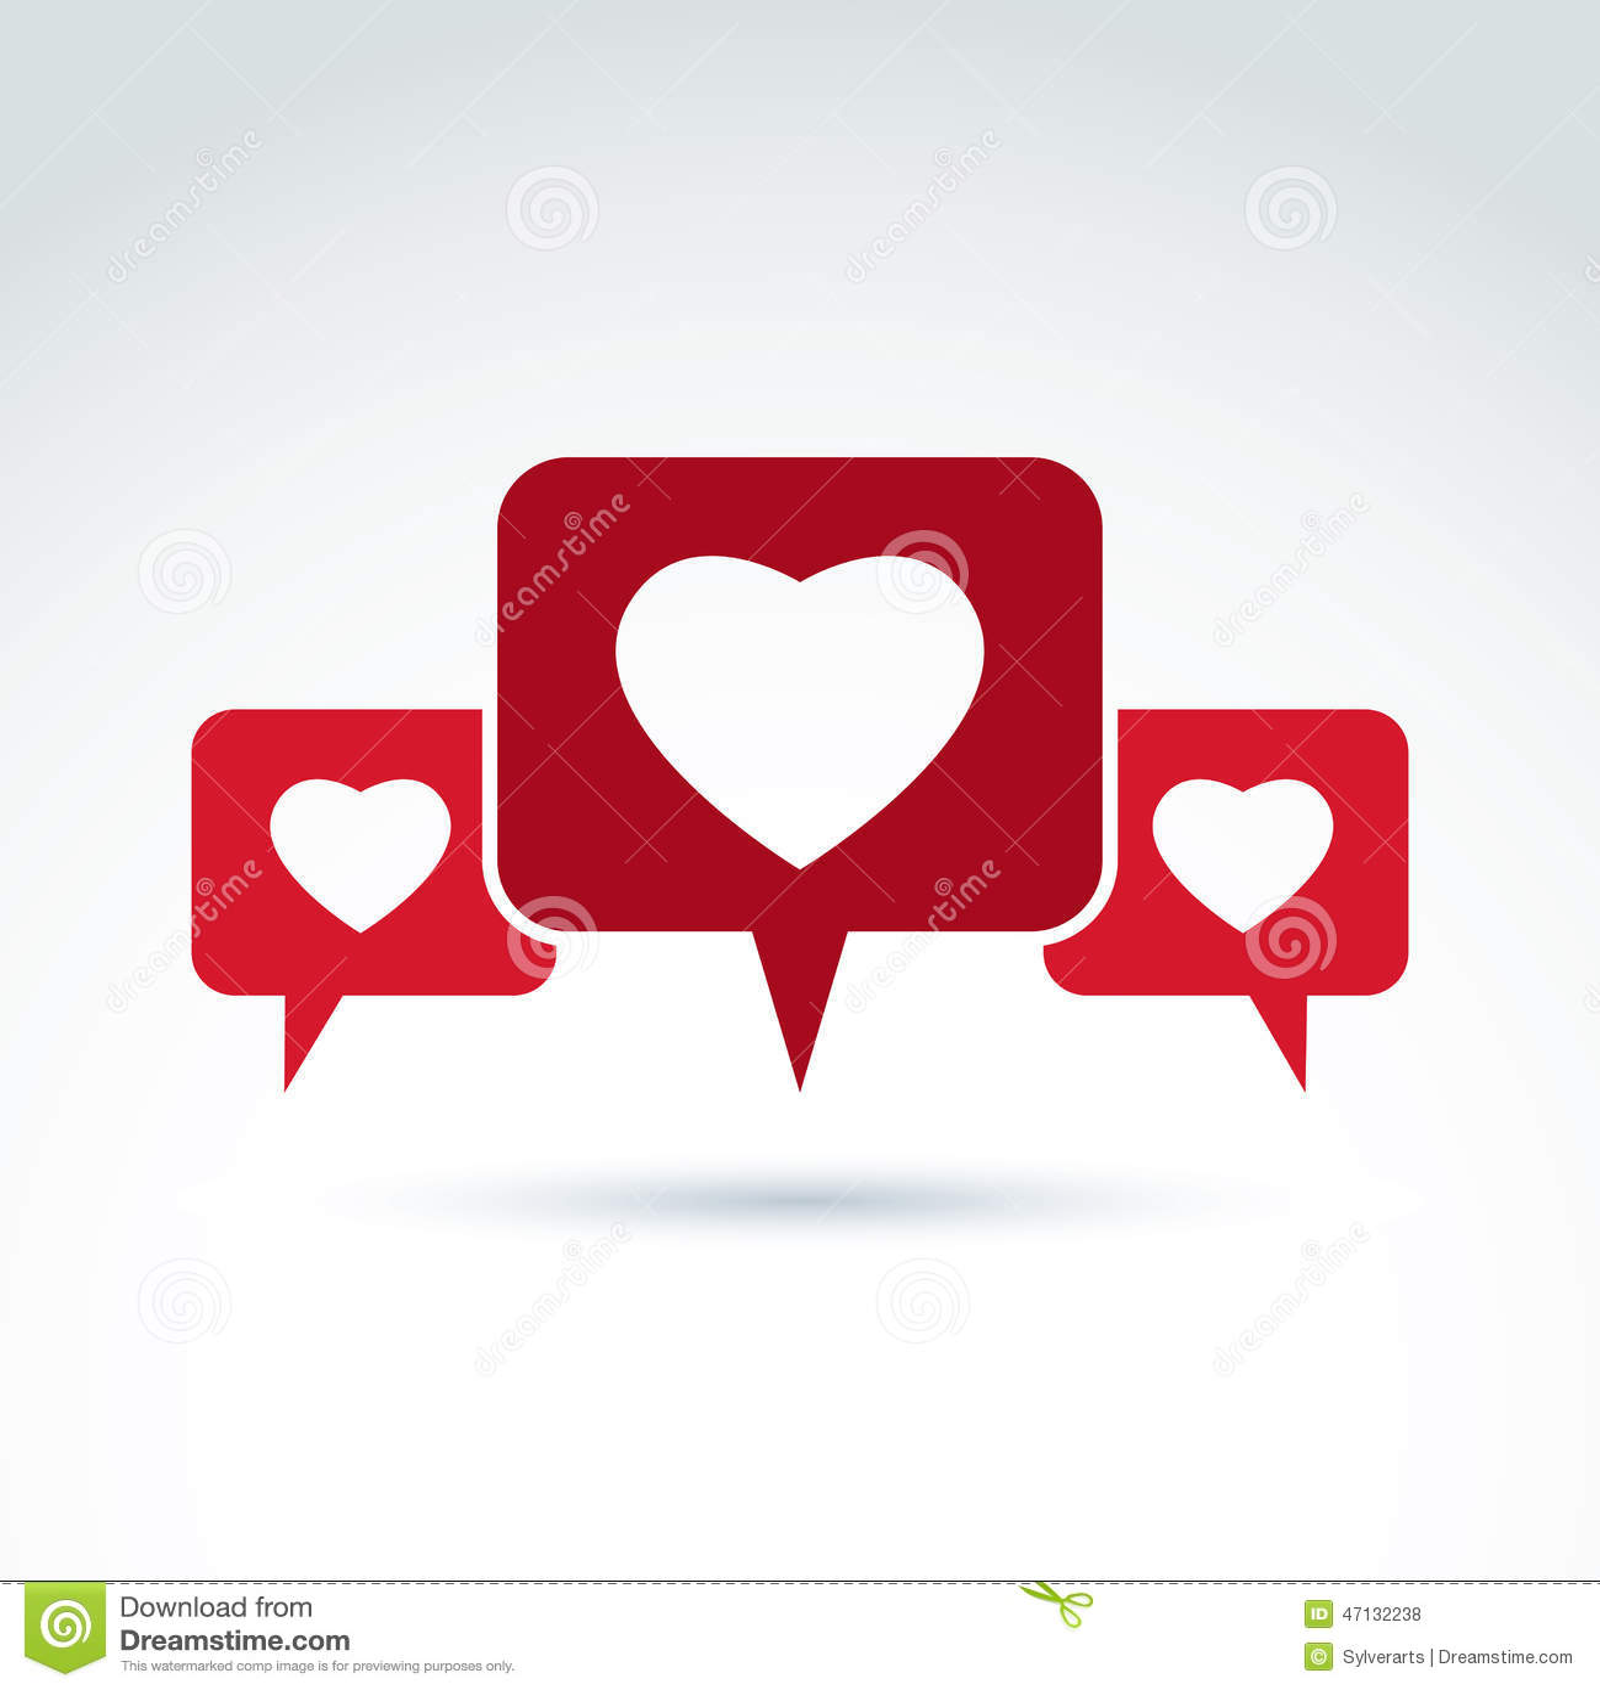 Σύμβολο οικογενειακών διαβουλεύσεων, φόρουμ συζήτησης και συνομιλία επάνω